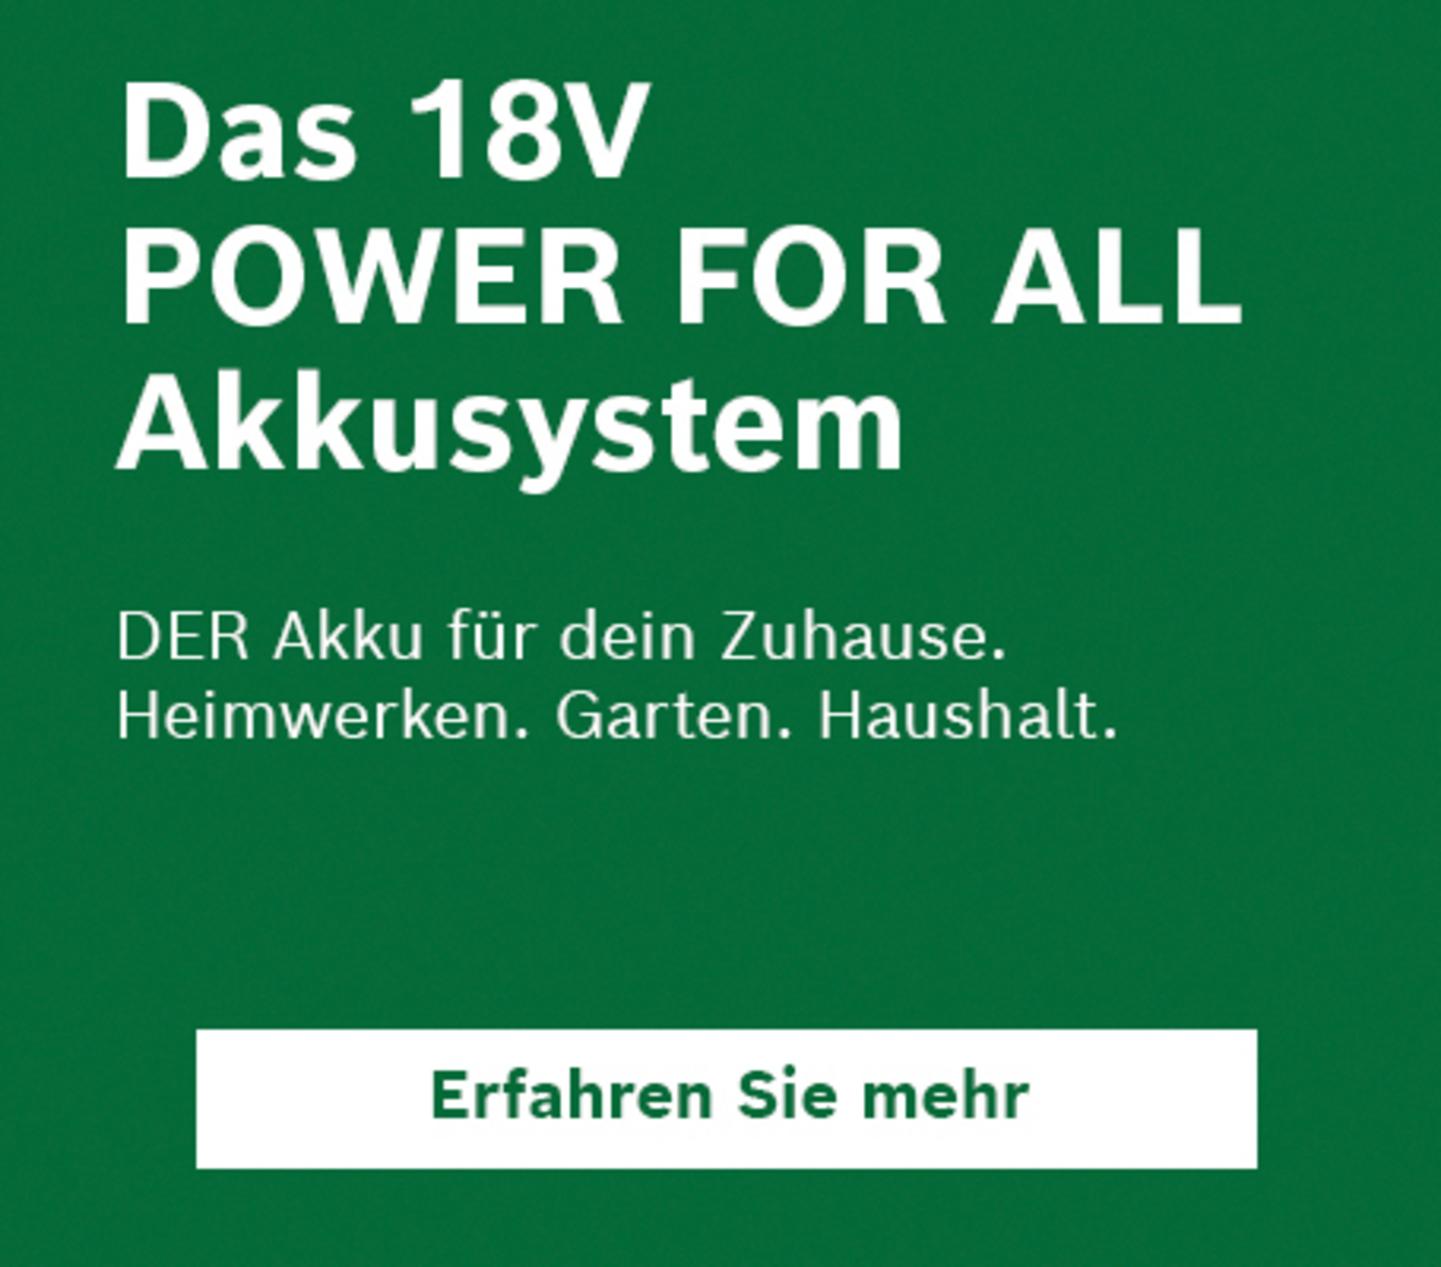 18V Power for all Akkusystem